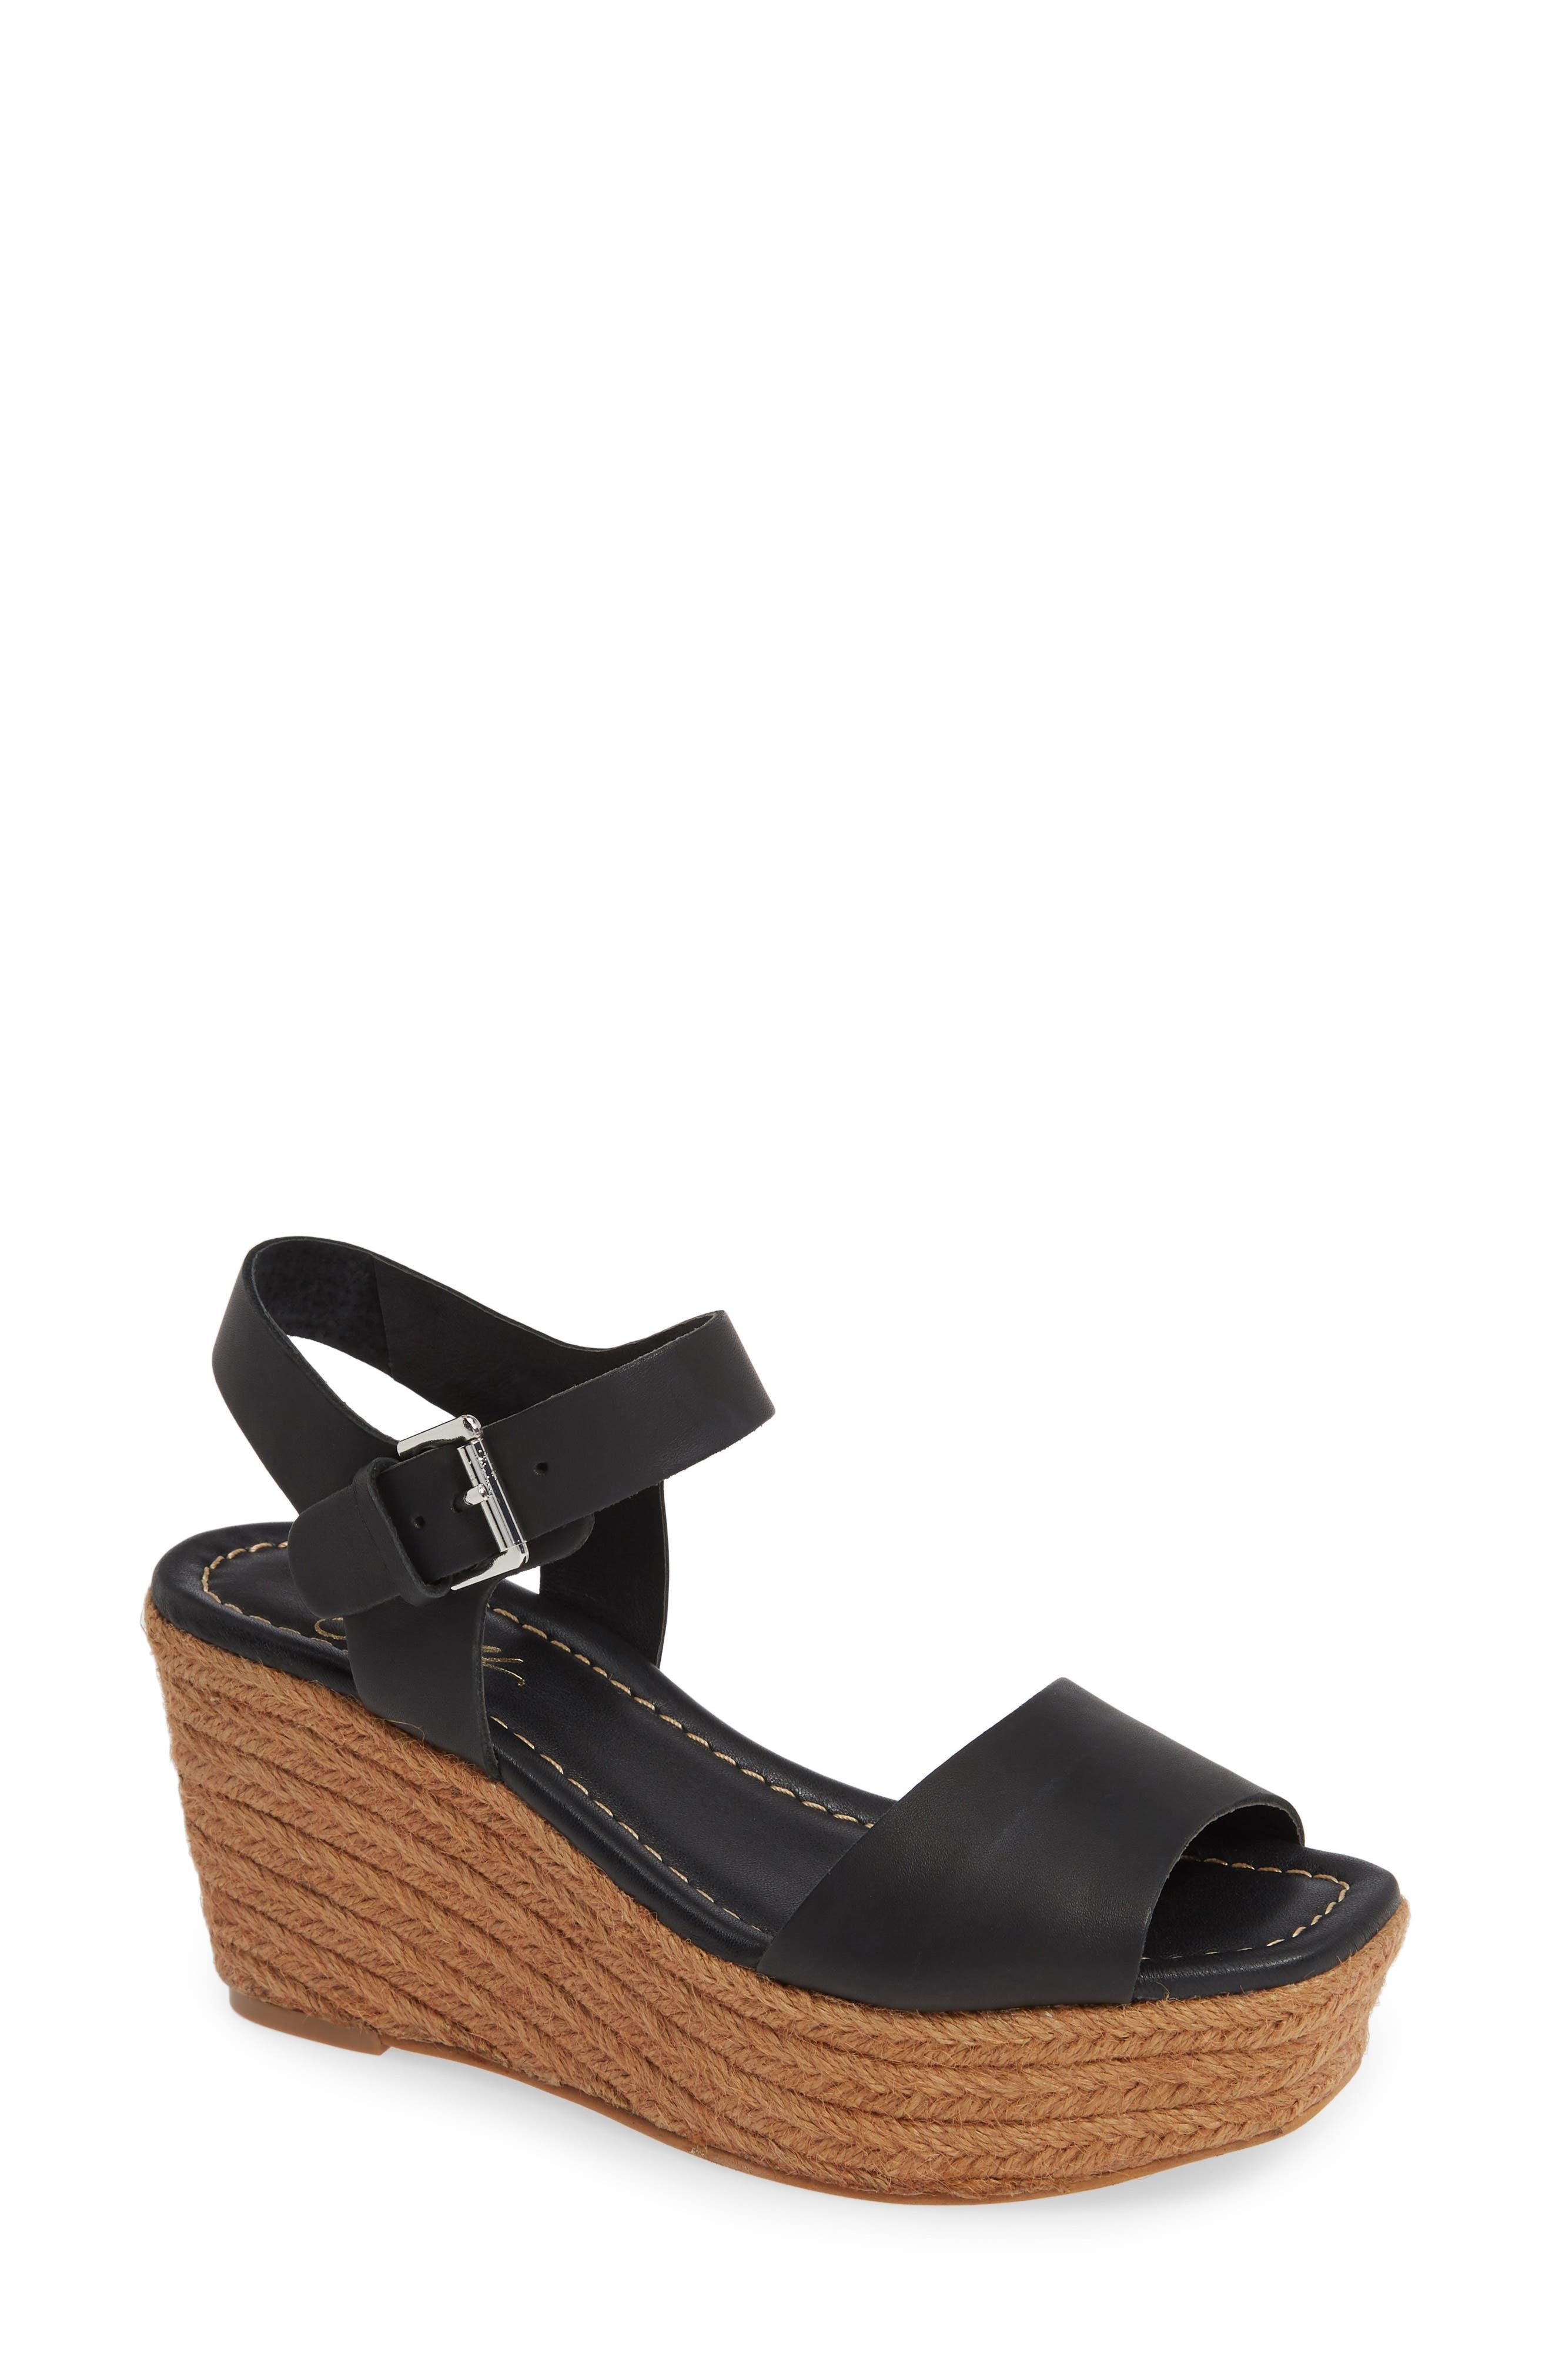 Maine Platform Wedge Sandal, Main, color, BLACK LEATHER